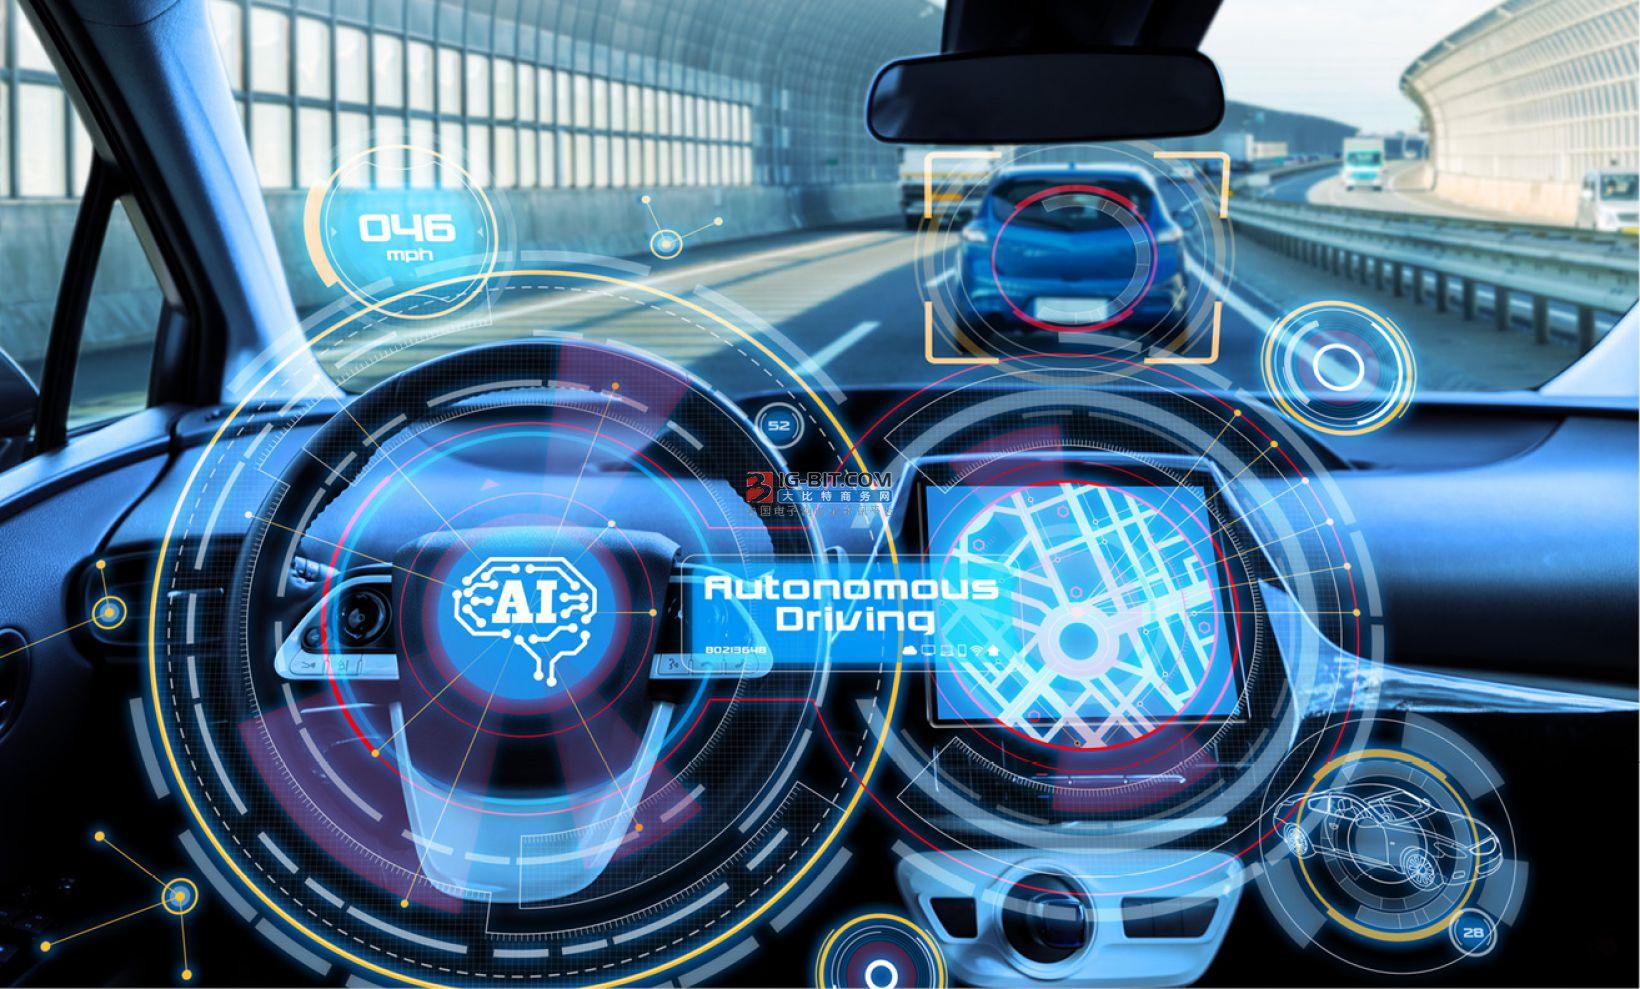 亚马逊发展自动驾驶:计划投1亿美元保留Zoox关键员工